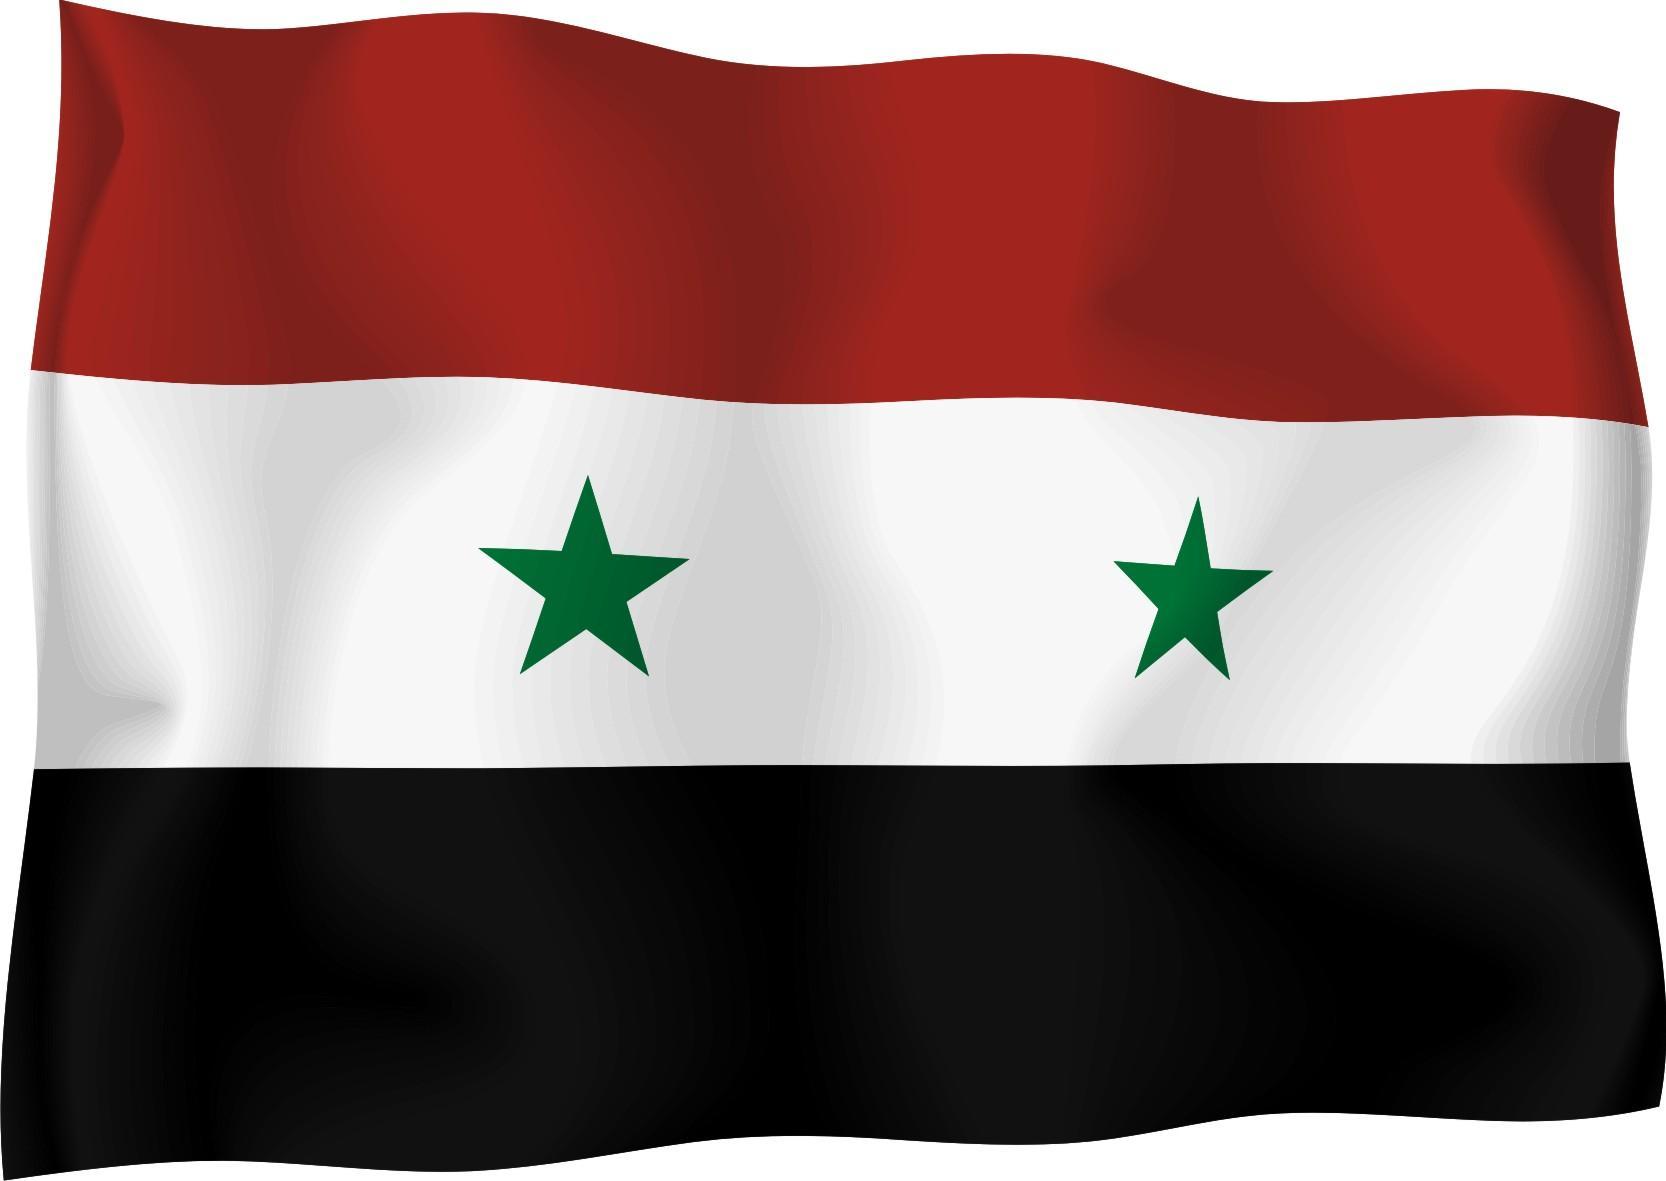 Kreml.tv останавливает свое участие в сирийском проекте.